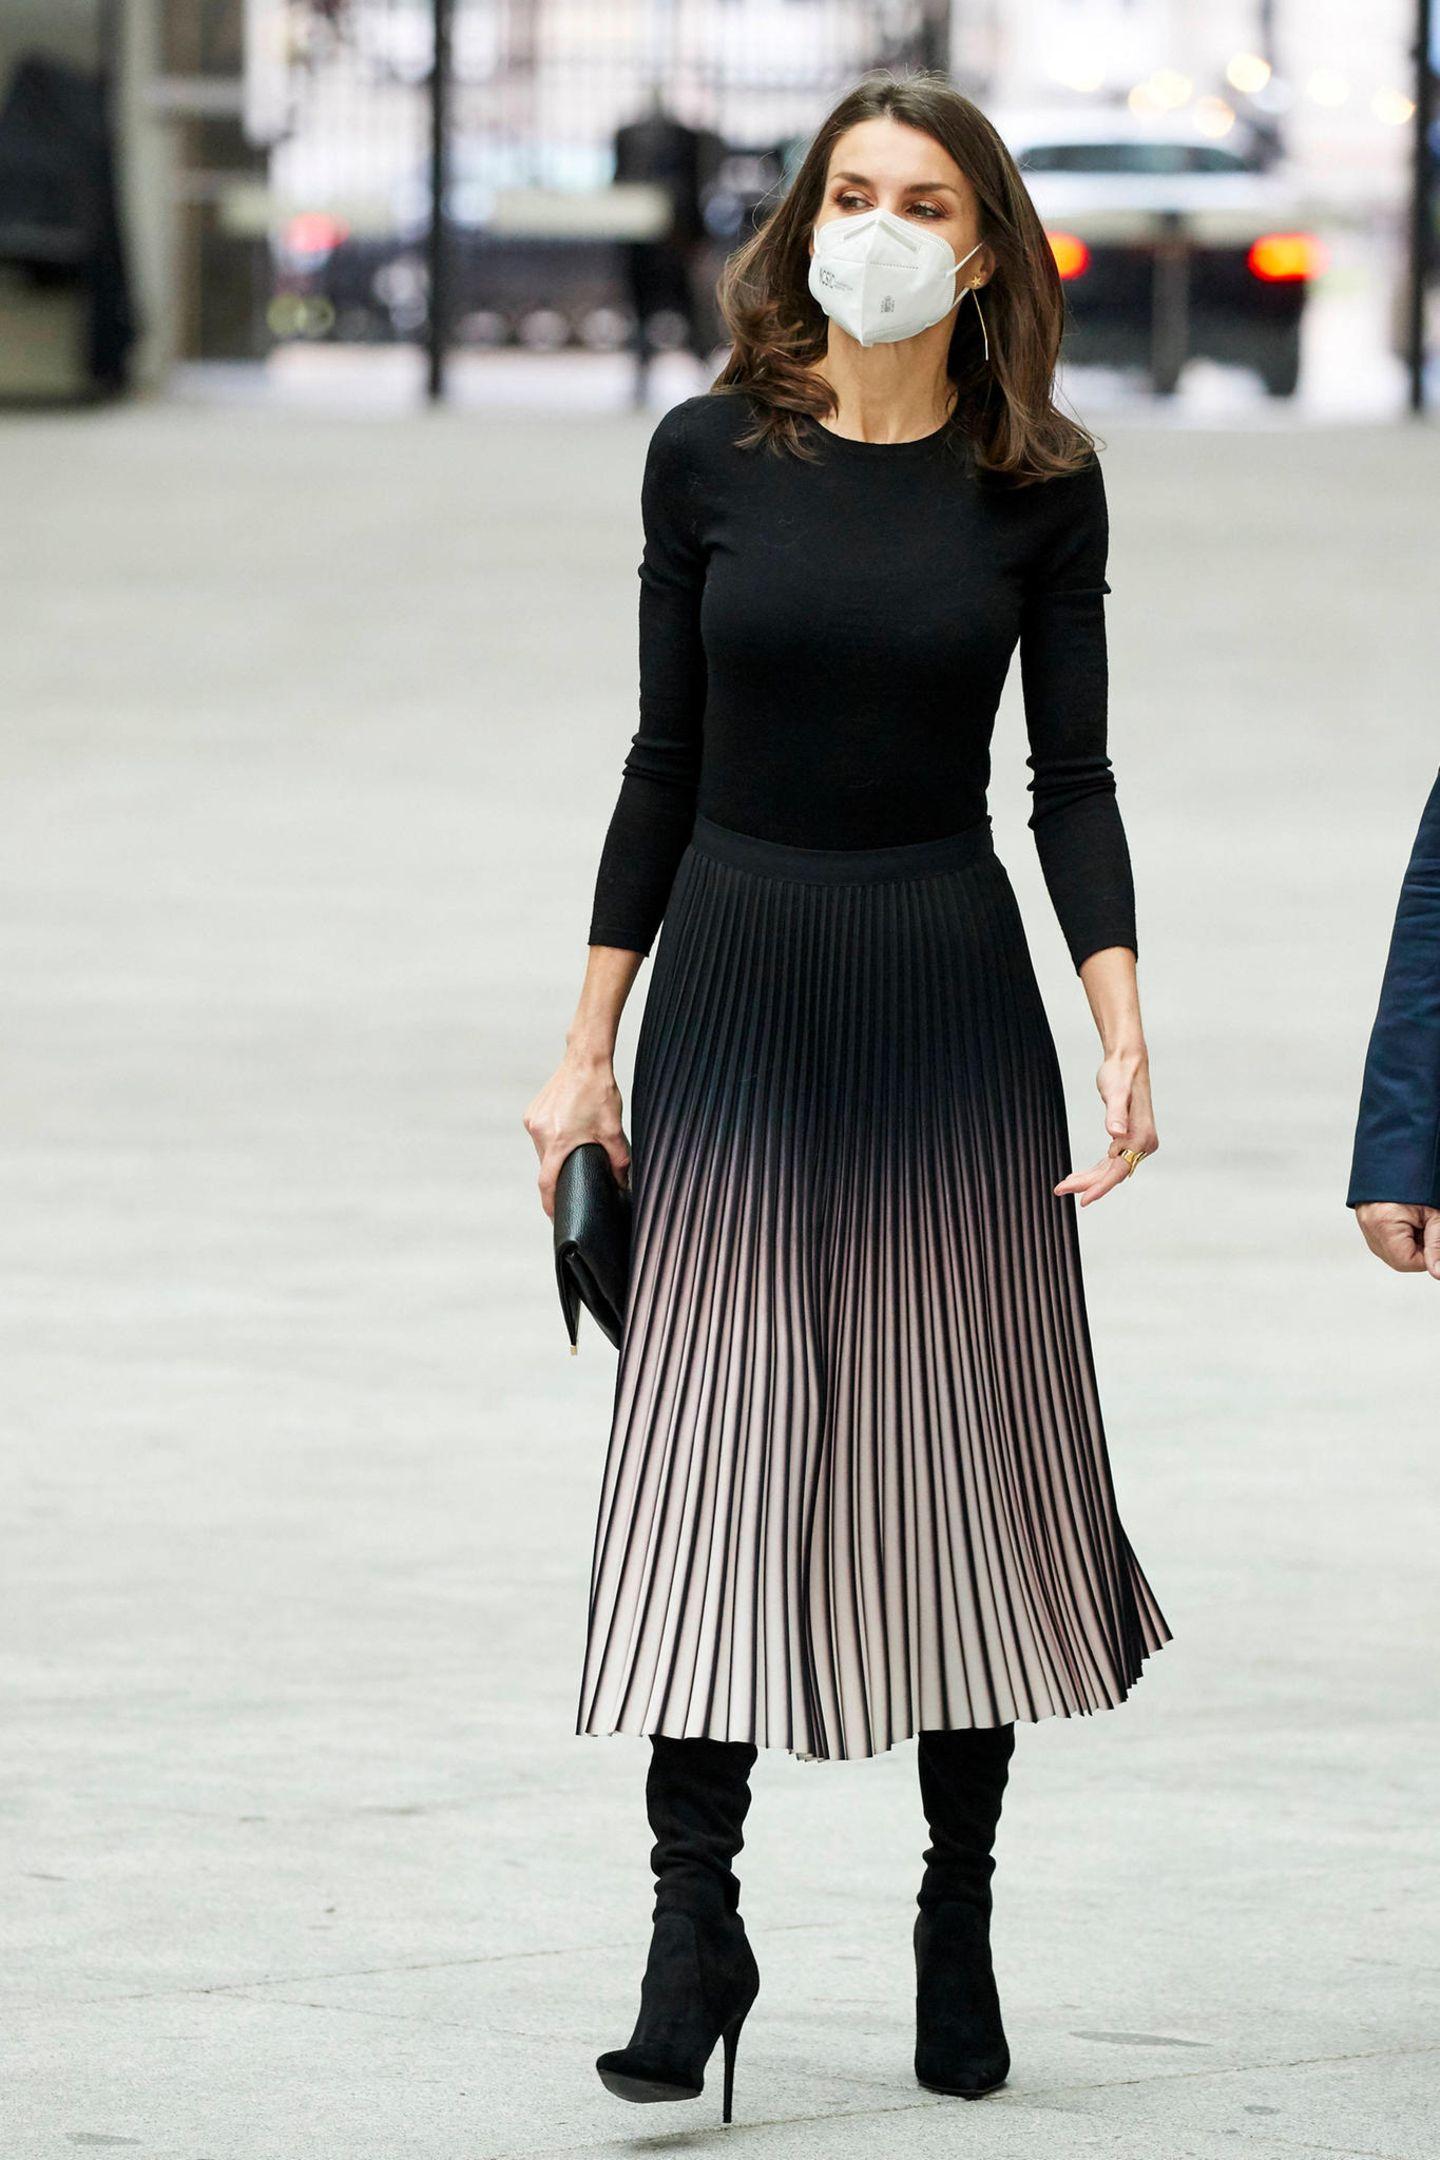 Wenig Aufwand, große Wirkung: Königin Letizia weiß, wiesie einen schlichten Look zum echten Hingucker macht. Für die Verleihung der Journalismuspreise APMin Madrid greift die spanische Monarchin zu einem schlichten Basic-Shirt und kombiniert es mit einem aufregenden Plisseerock mit Farbverlauf von Reiss. Besonderer Eyecatcher:Die schwarzen Overkneestiefel von Steve Madden.